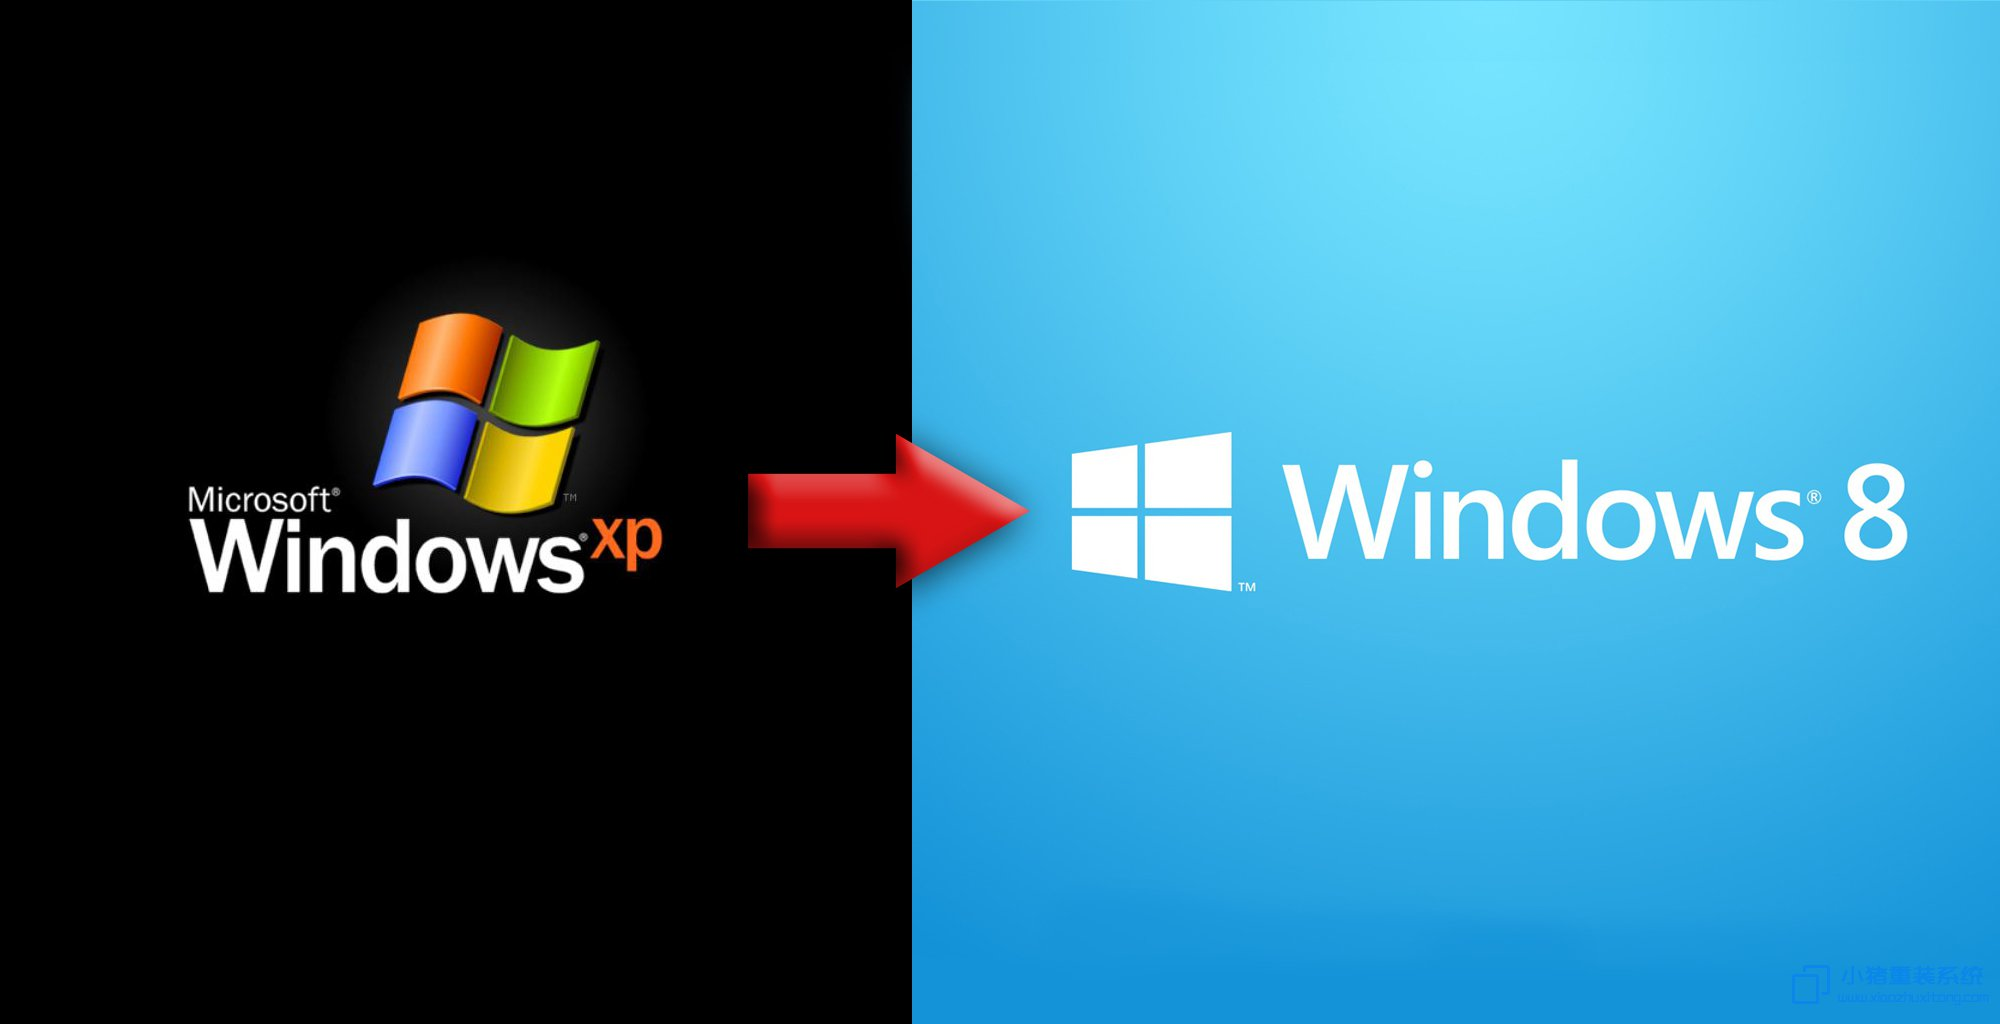 忘记密码时如何重置Windows 8.1密码(一)